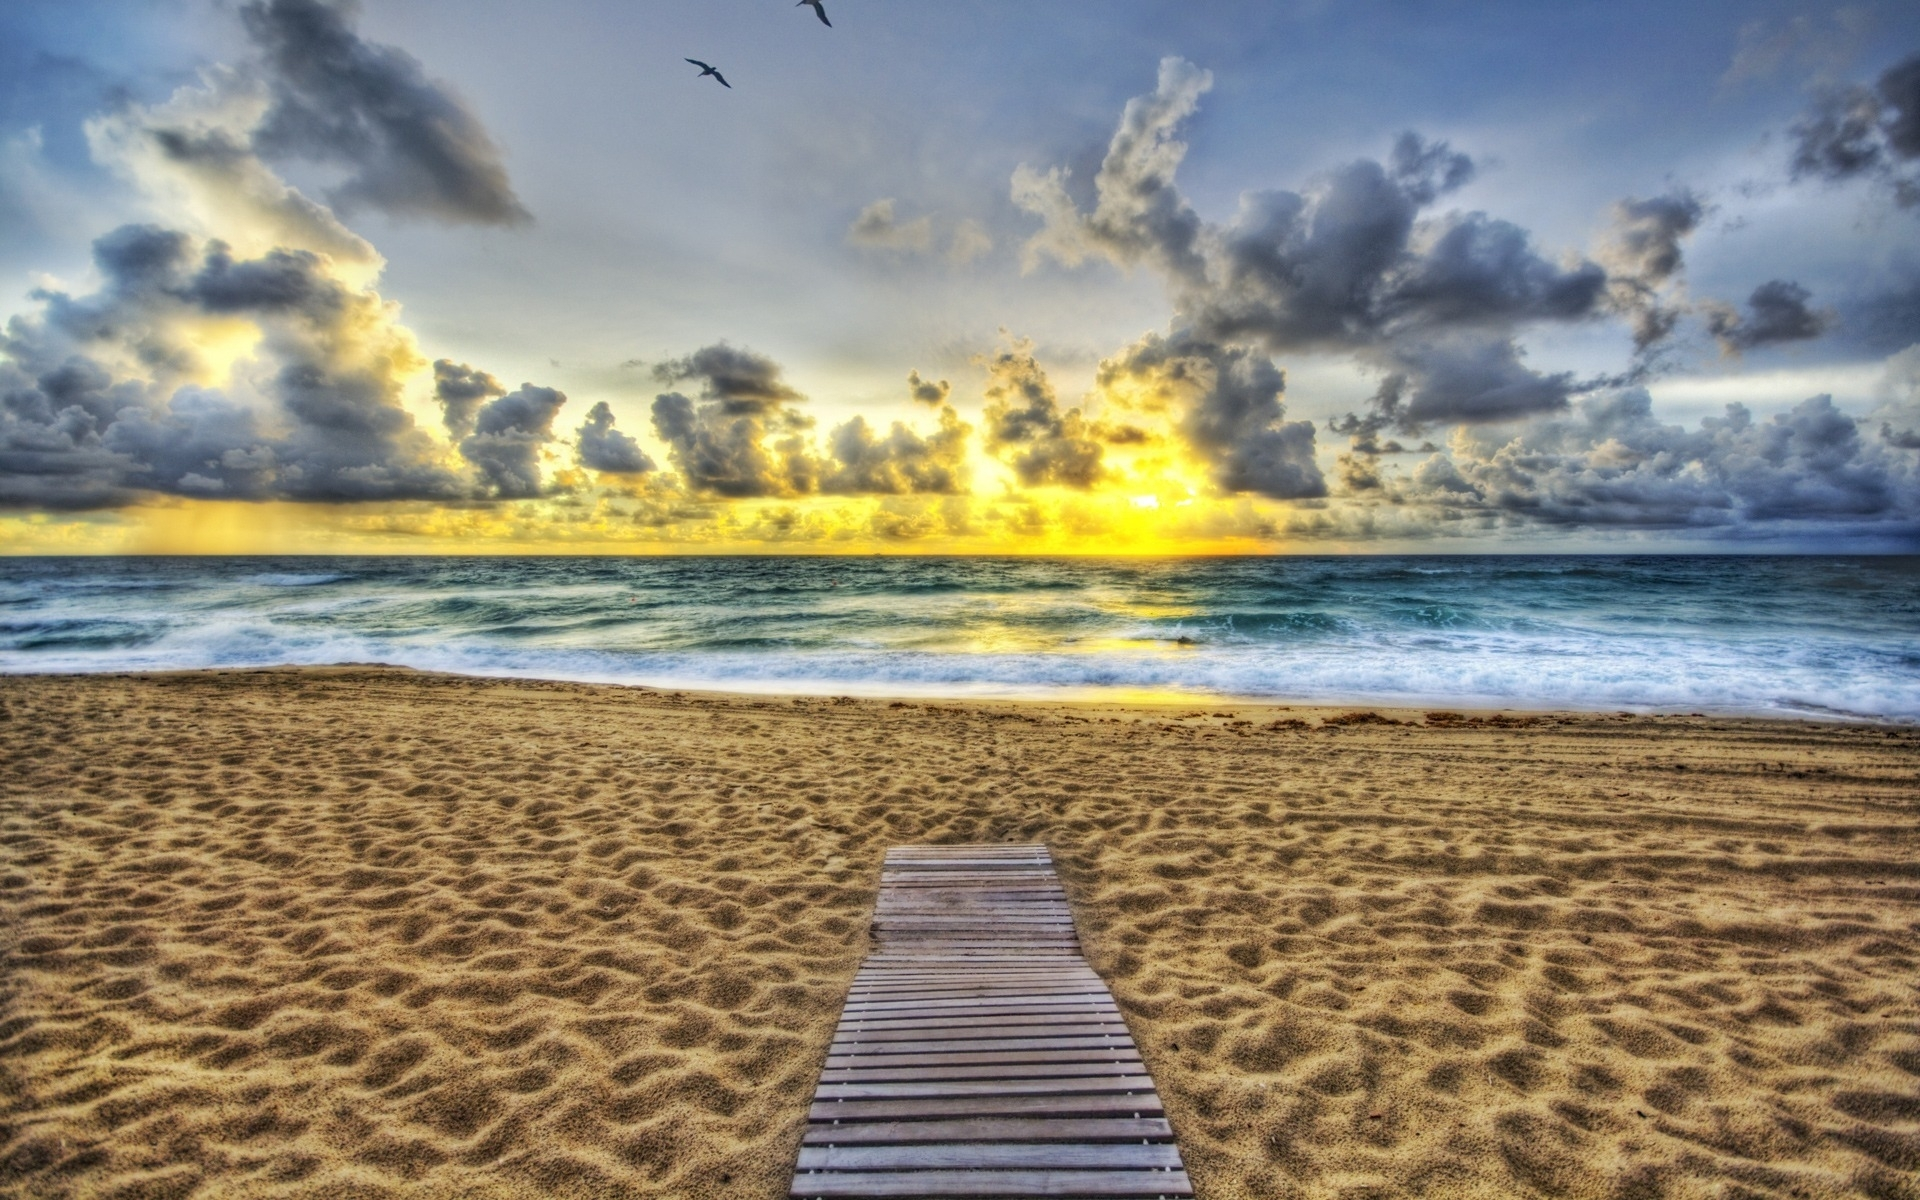 Скачать картинку Пейзаж, Закат, Море, Облака, Пляж в телефон бесплатно.